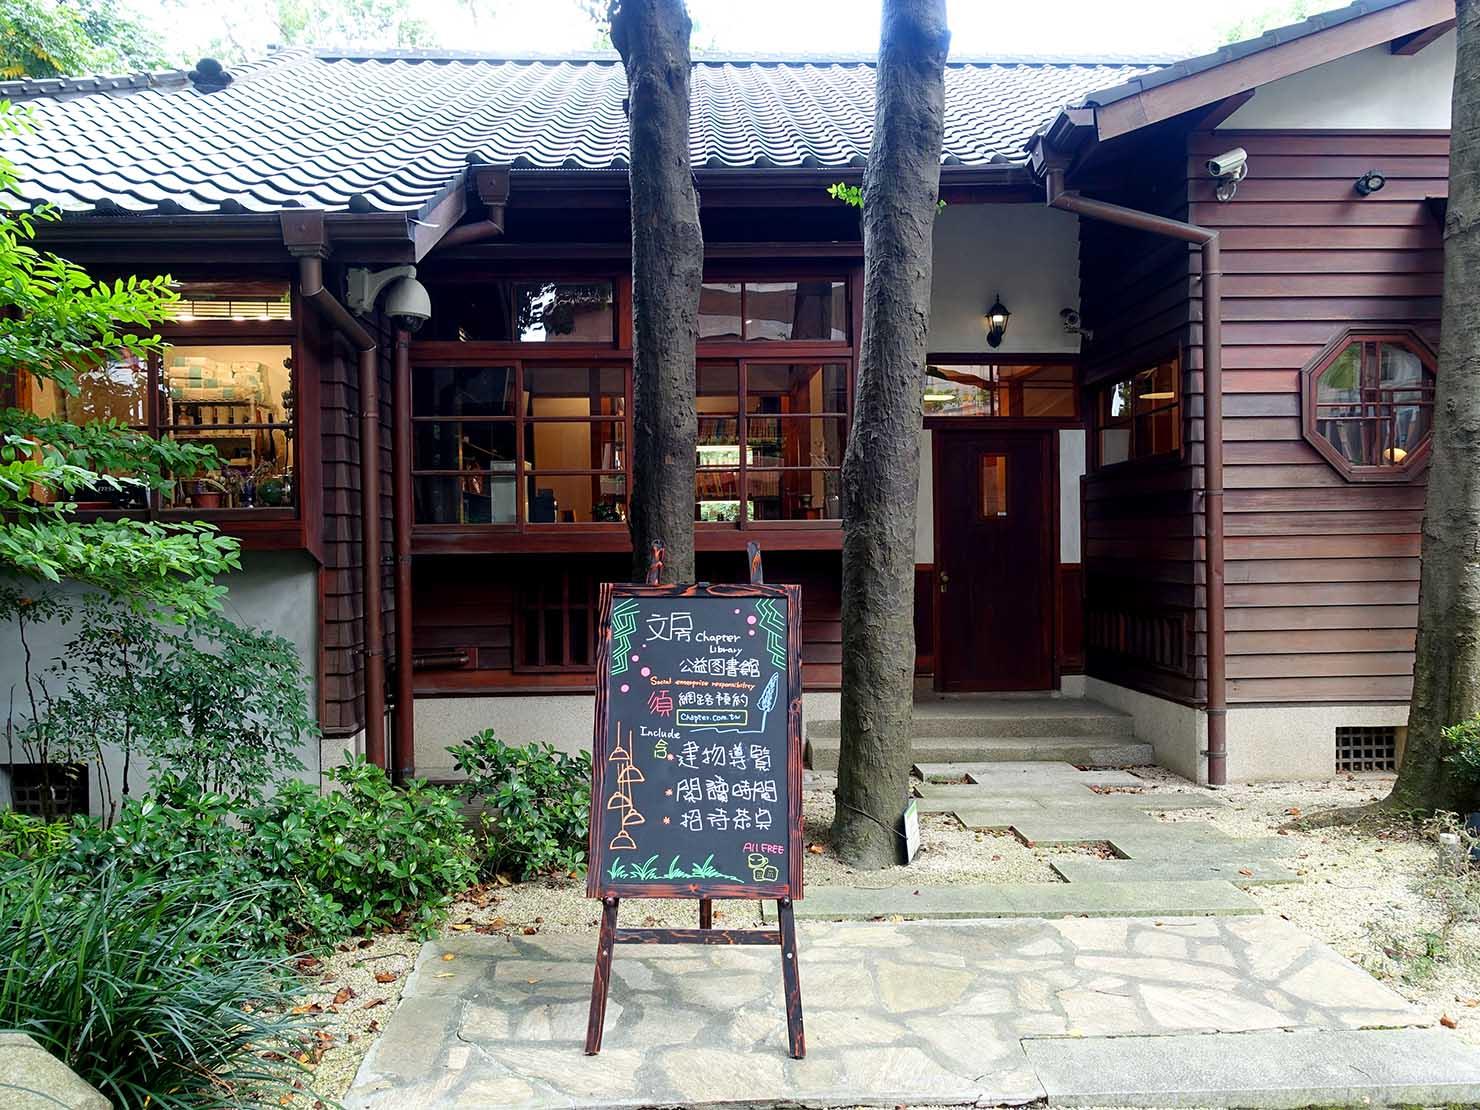 台北の街に佇む日本式古民家の図書館「文房 Chapter」エントランスの外観